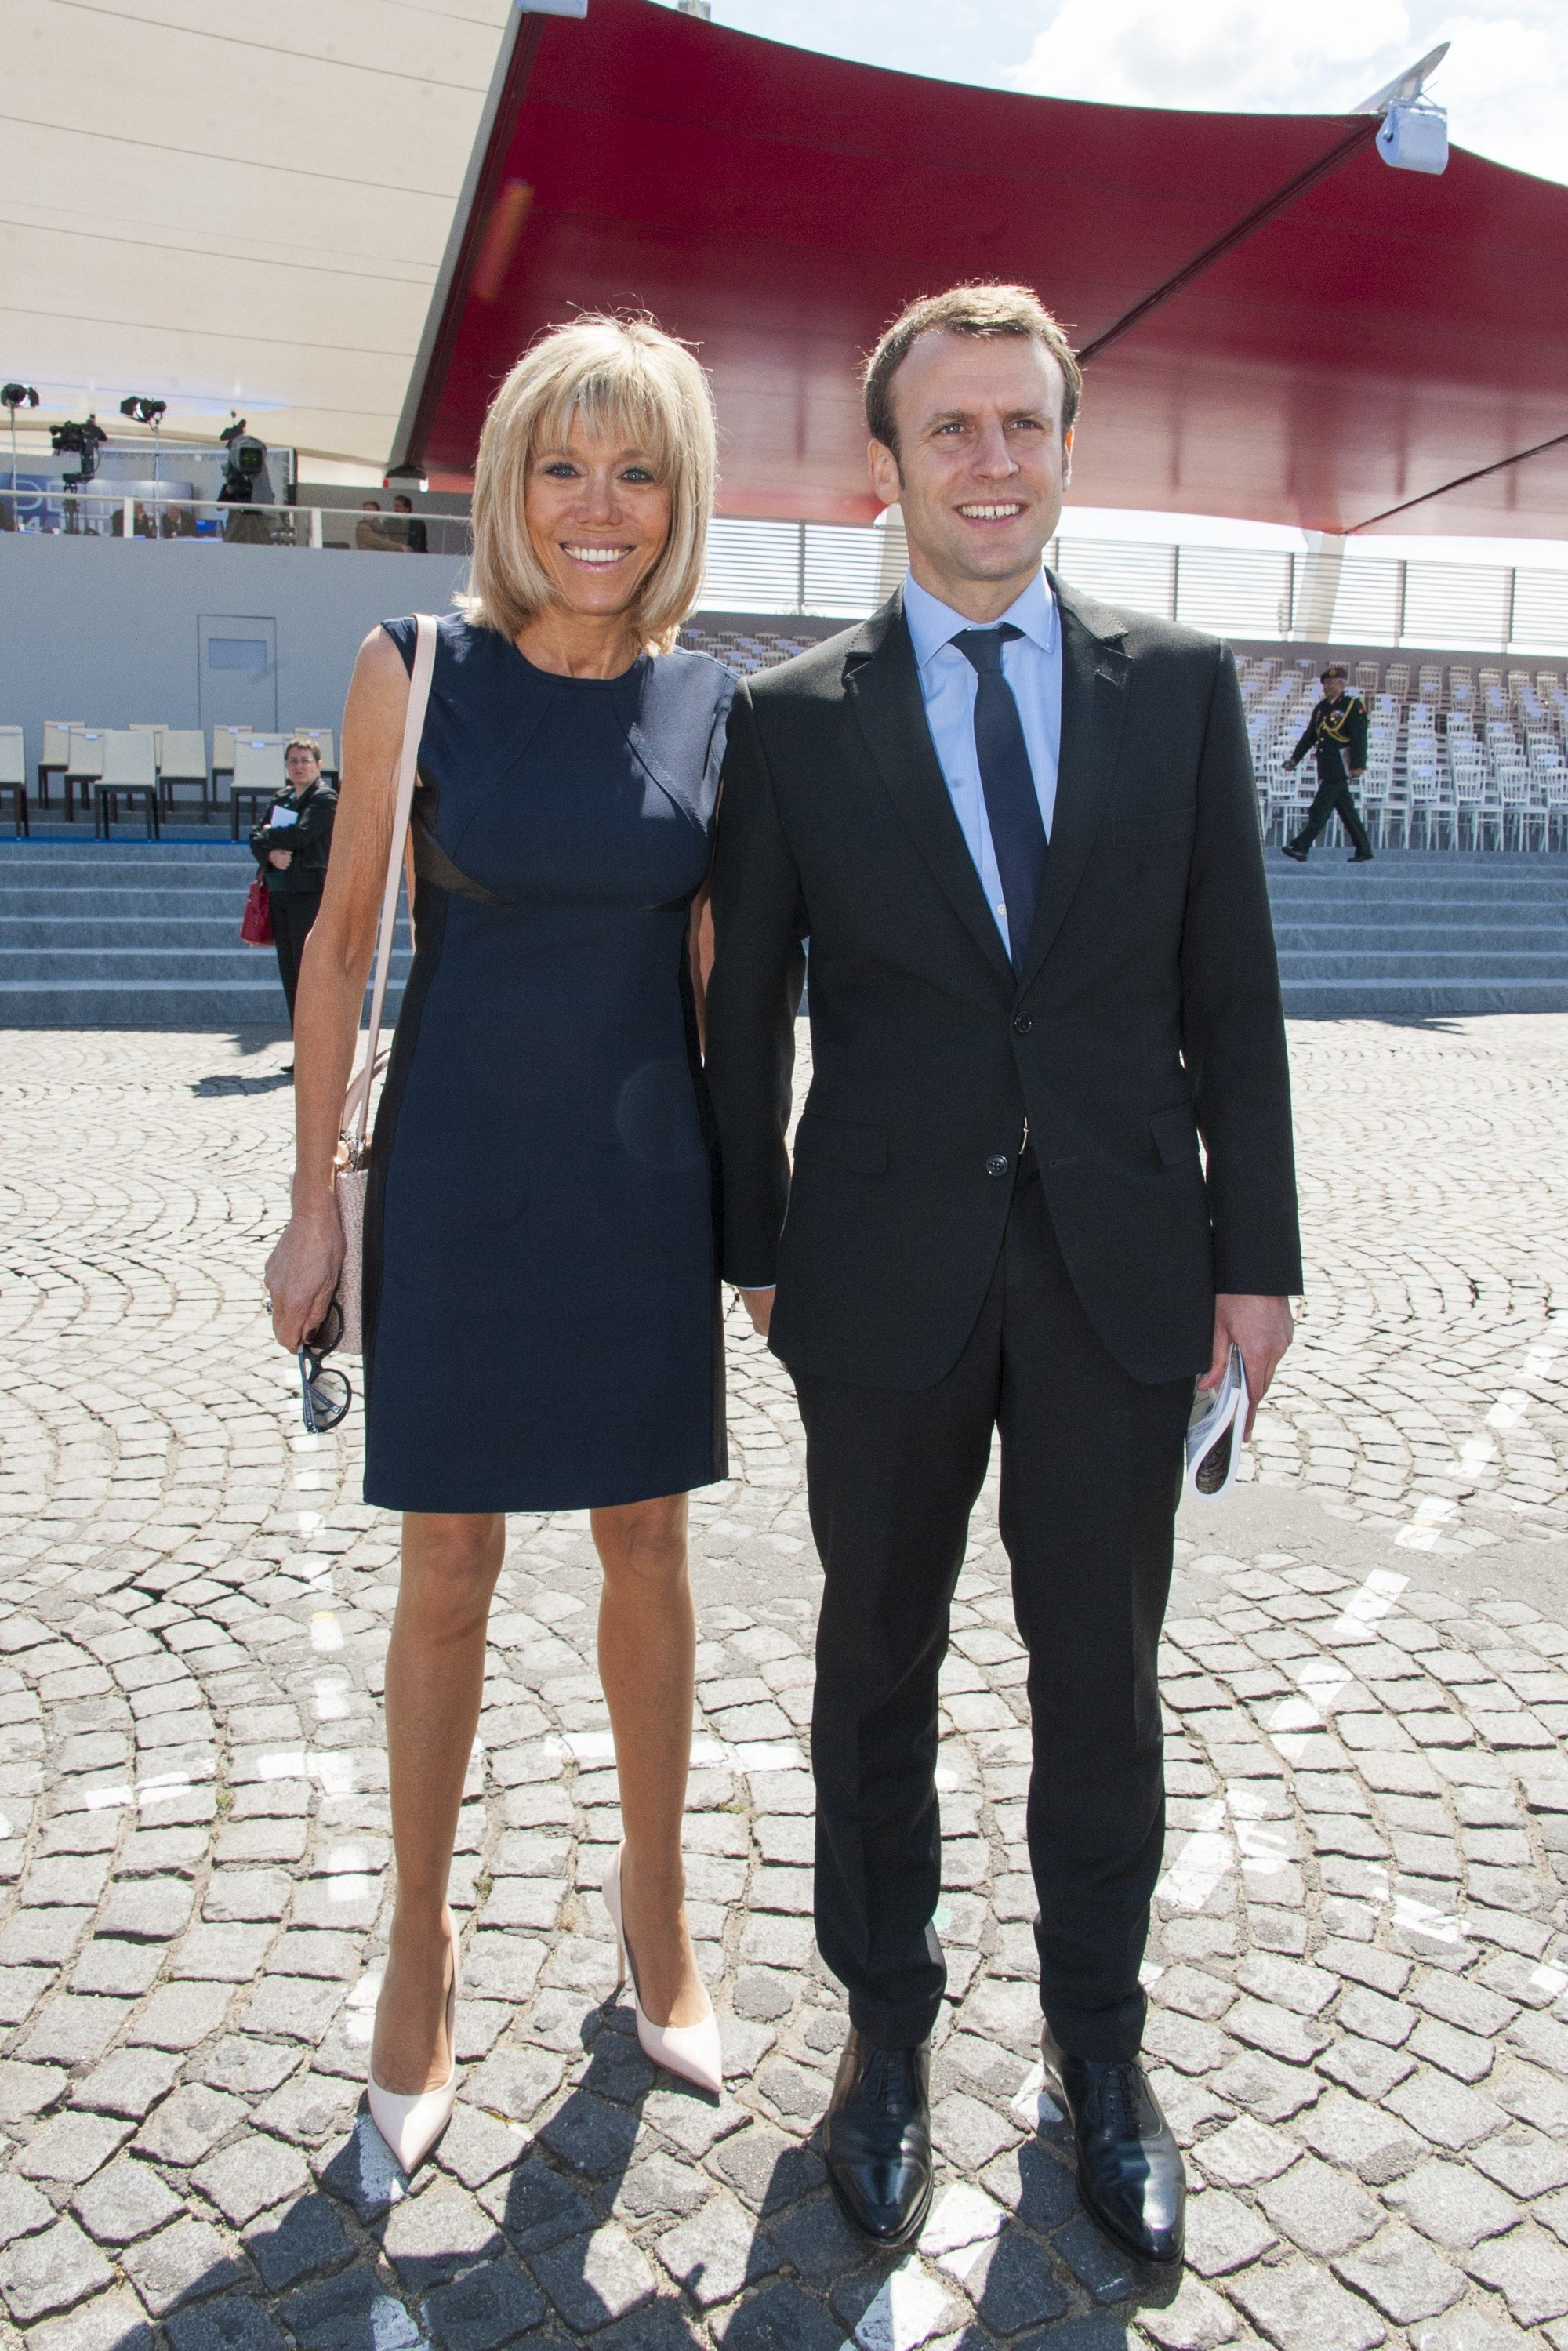 Le Jour Ou L Ex Mari De Brigitte Macron A Appris Sa Liaison Avec Emmanuel